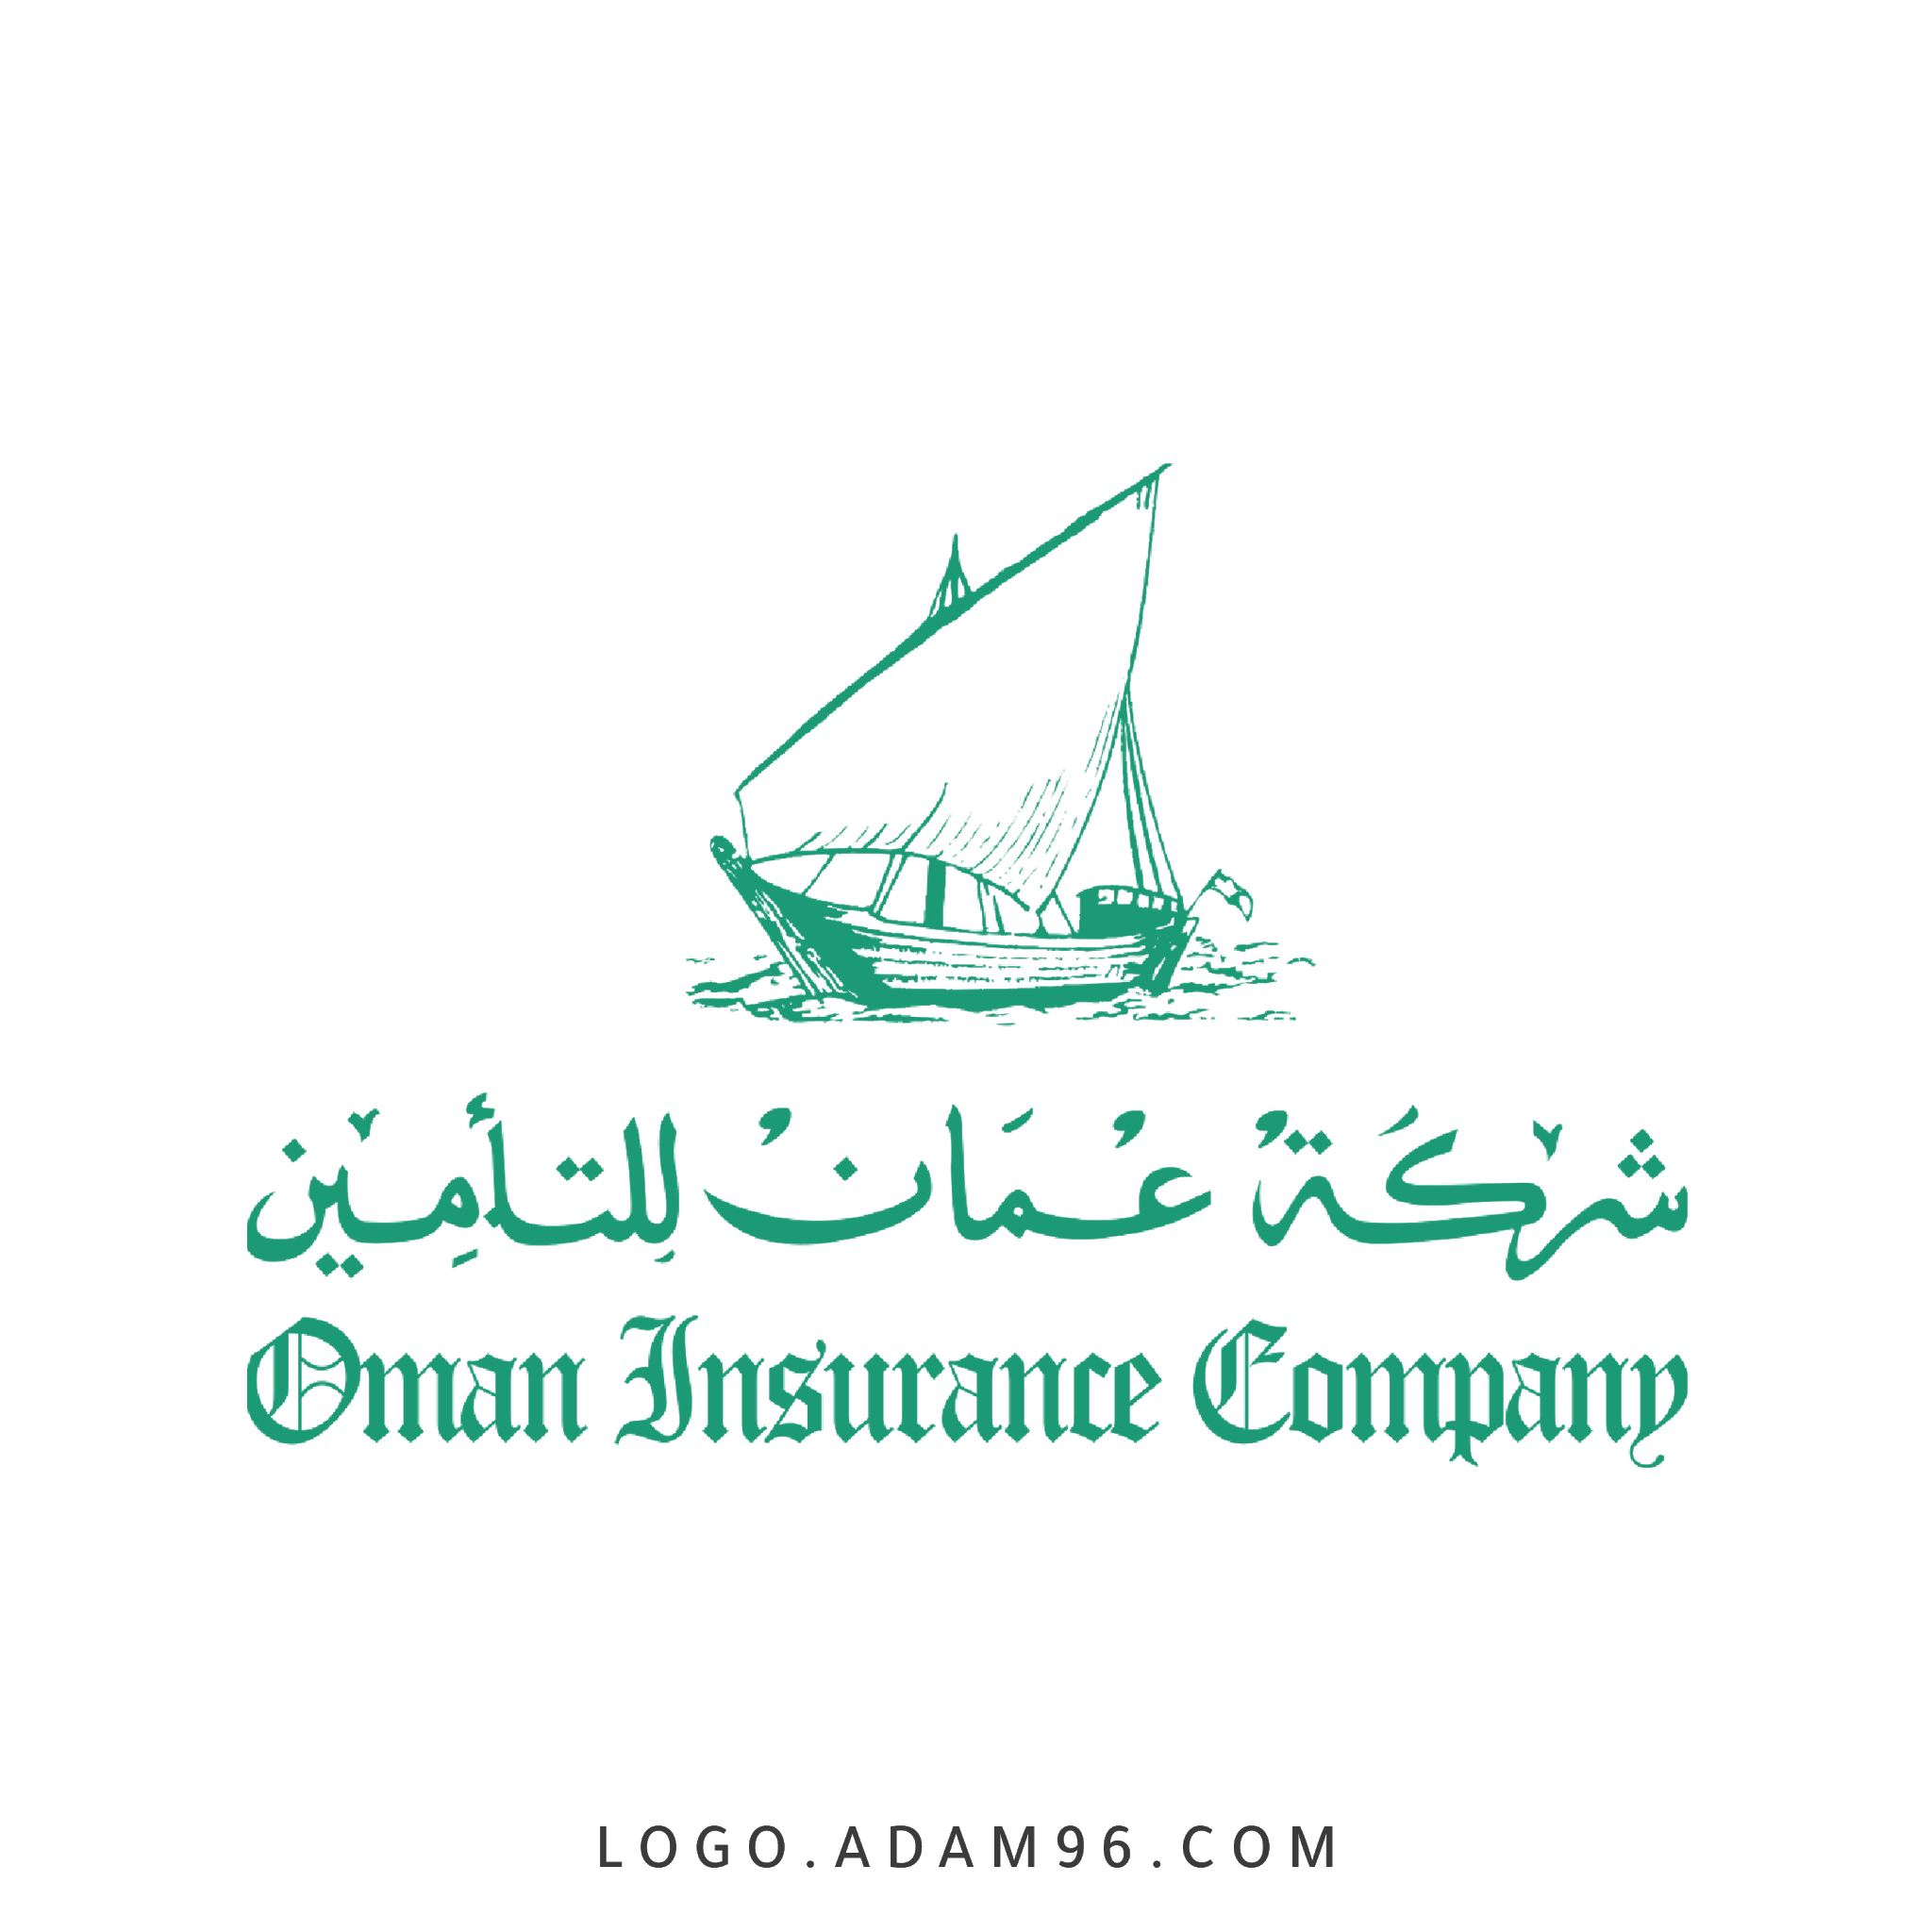 تحميل شعار شركة عُمان للتأمين لوجو رسمي عالي الجودة PNG